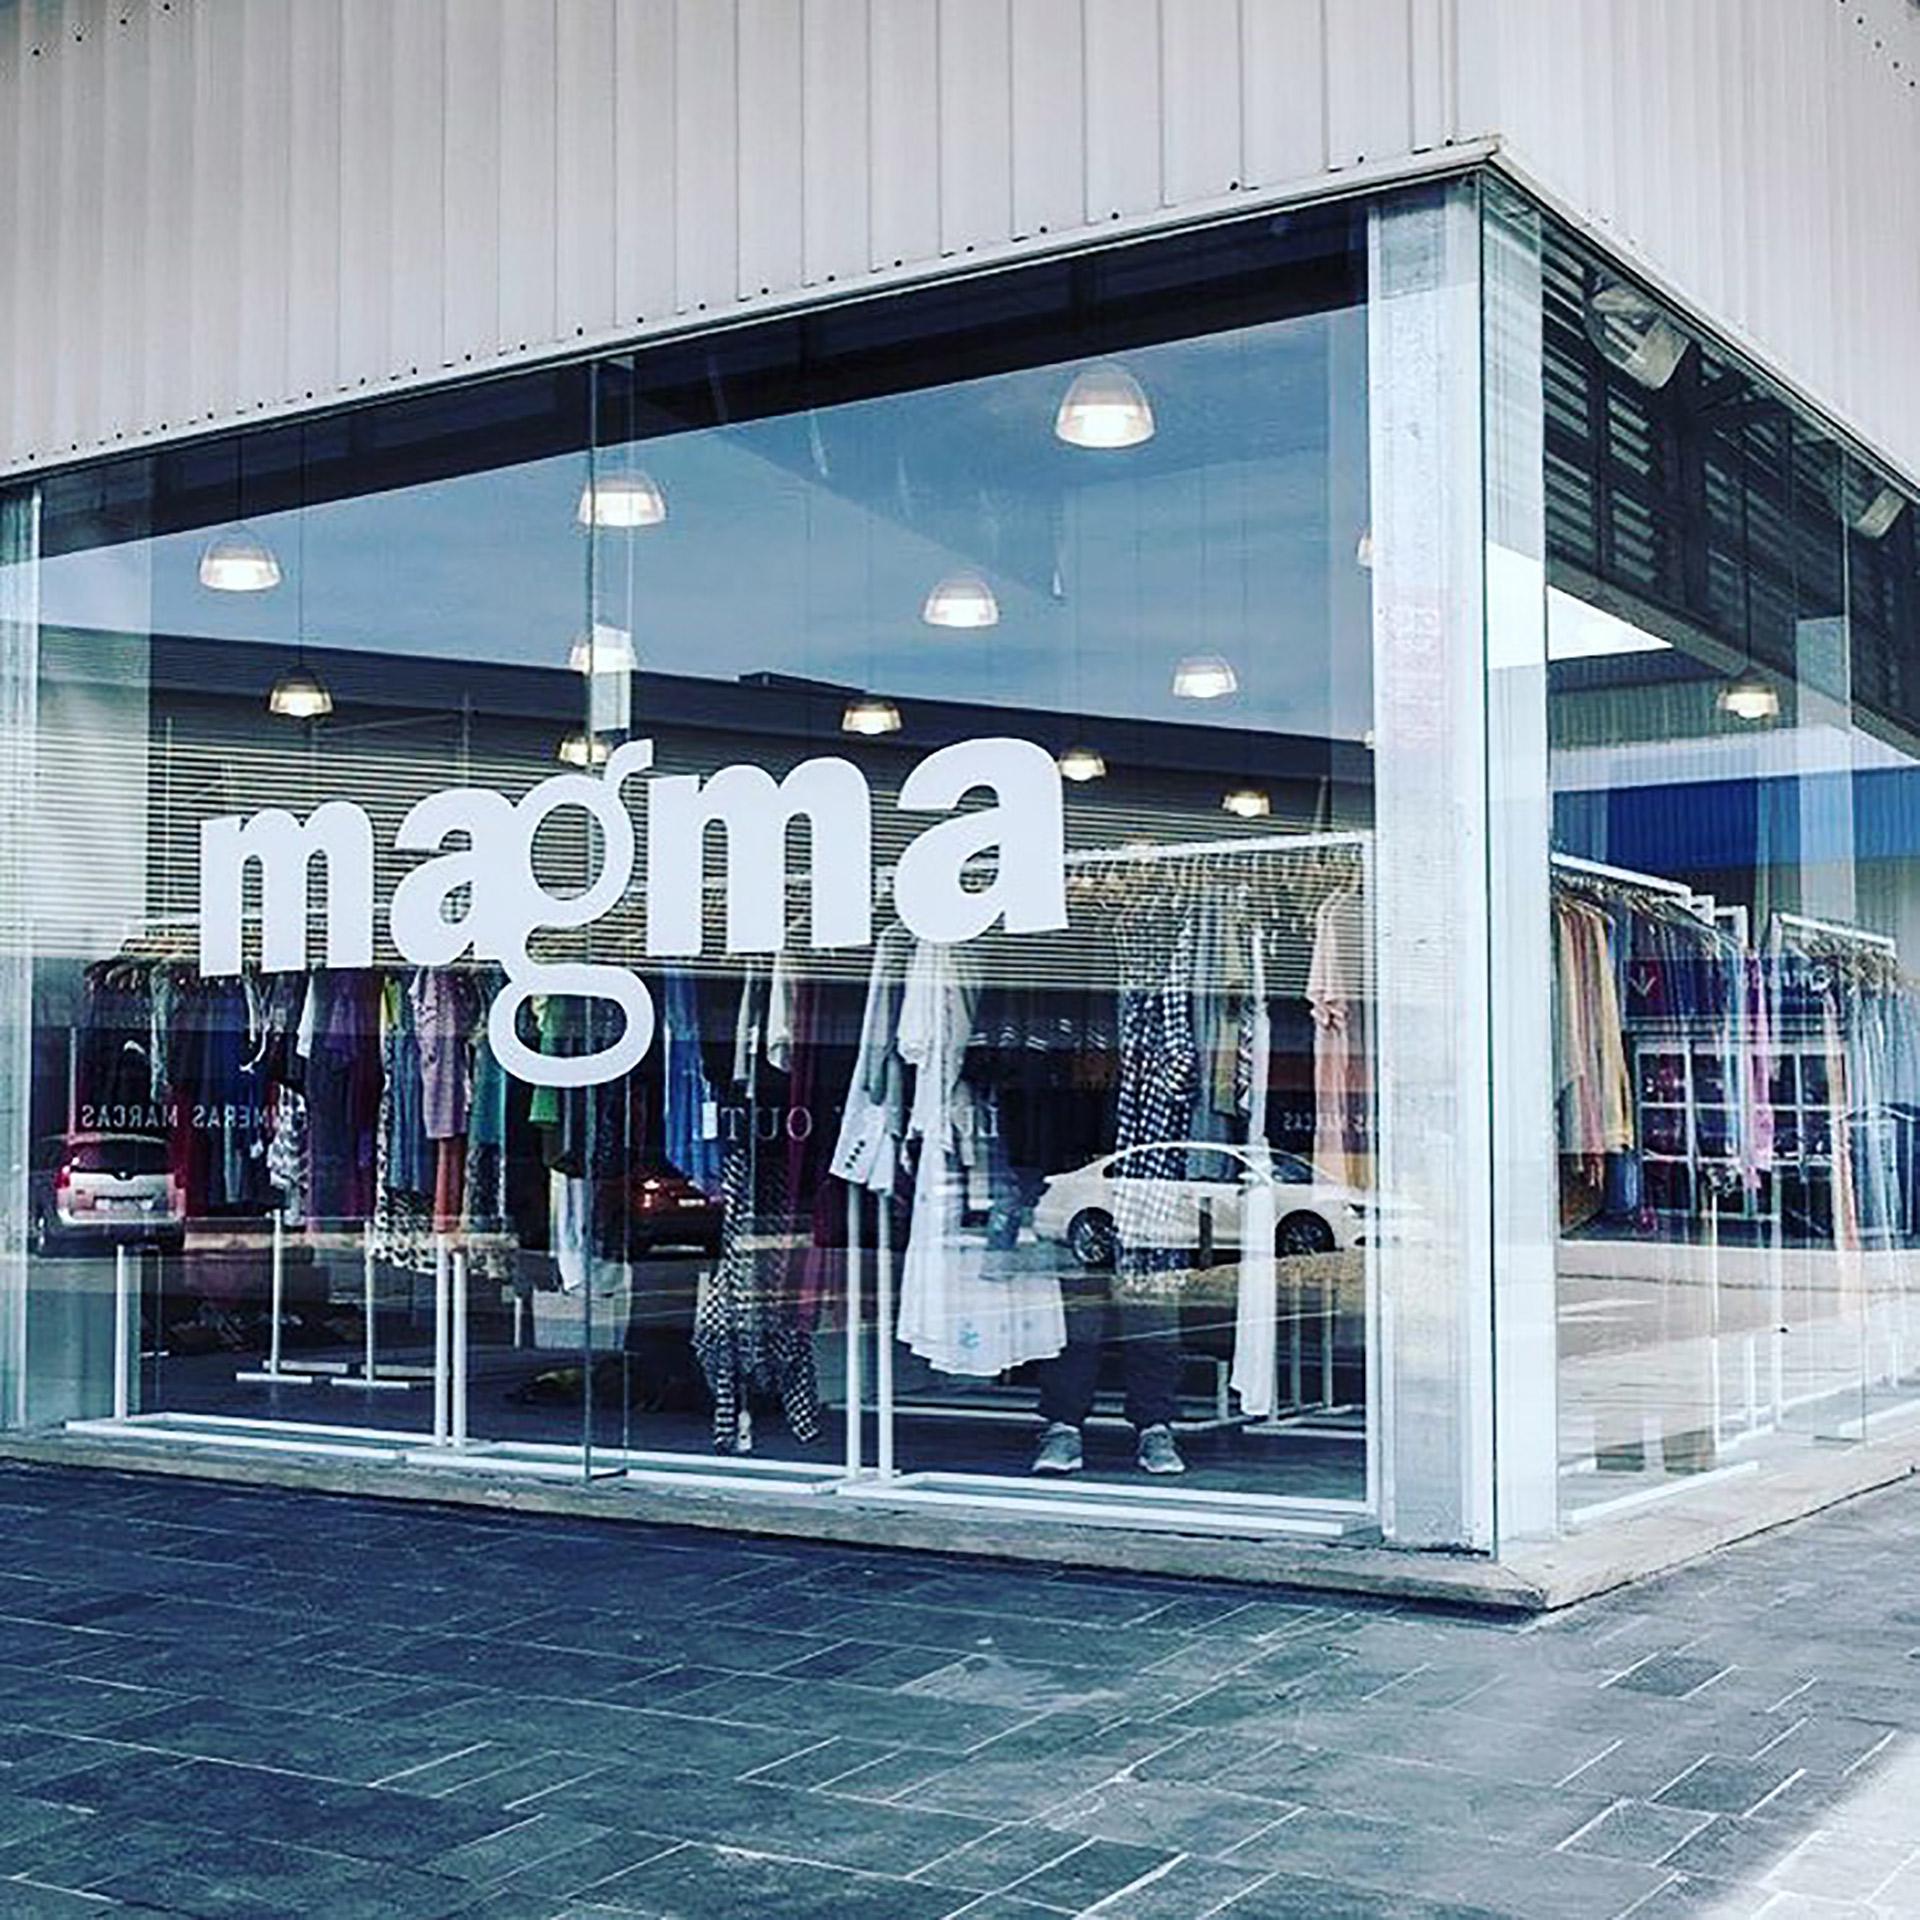 Magma alberga multimarcas nacionales e internacionales con una propuesta integral para el día o la noche